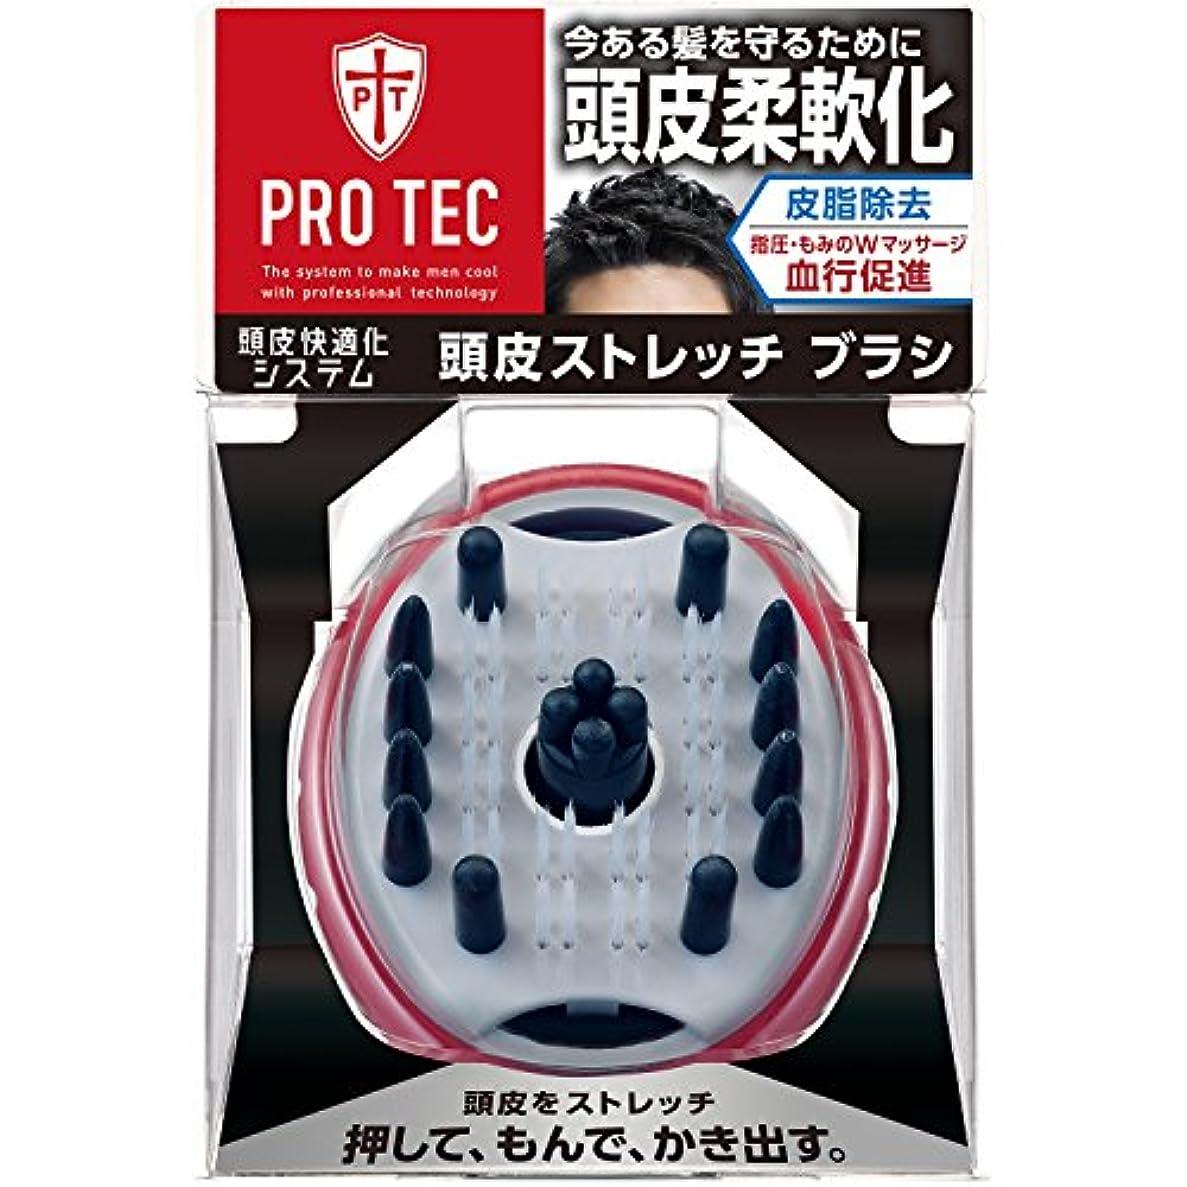 下線最後の確かめるPRO TEC(プロテク) ウォッシングブラシ 頭皮ストレッチタイプ